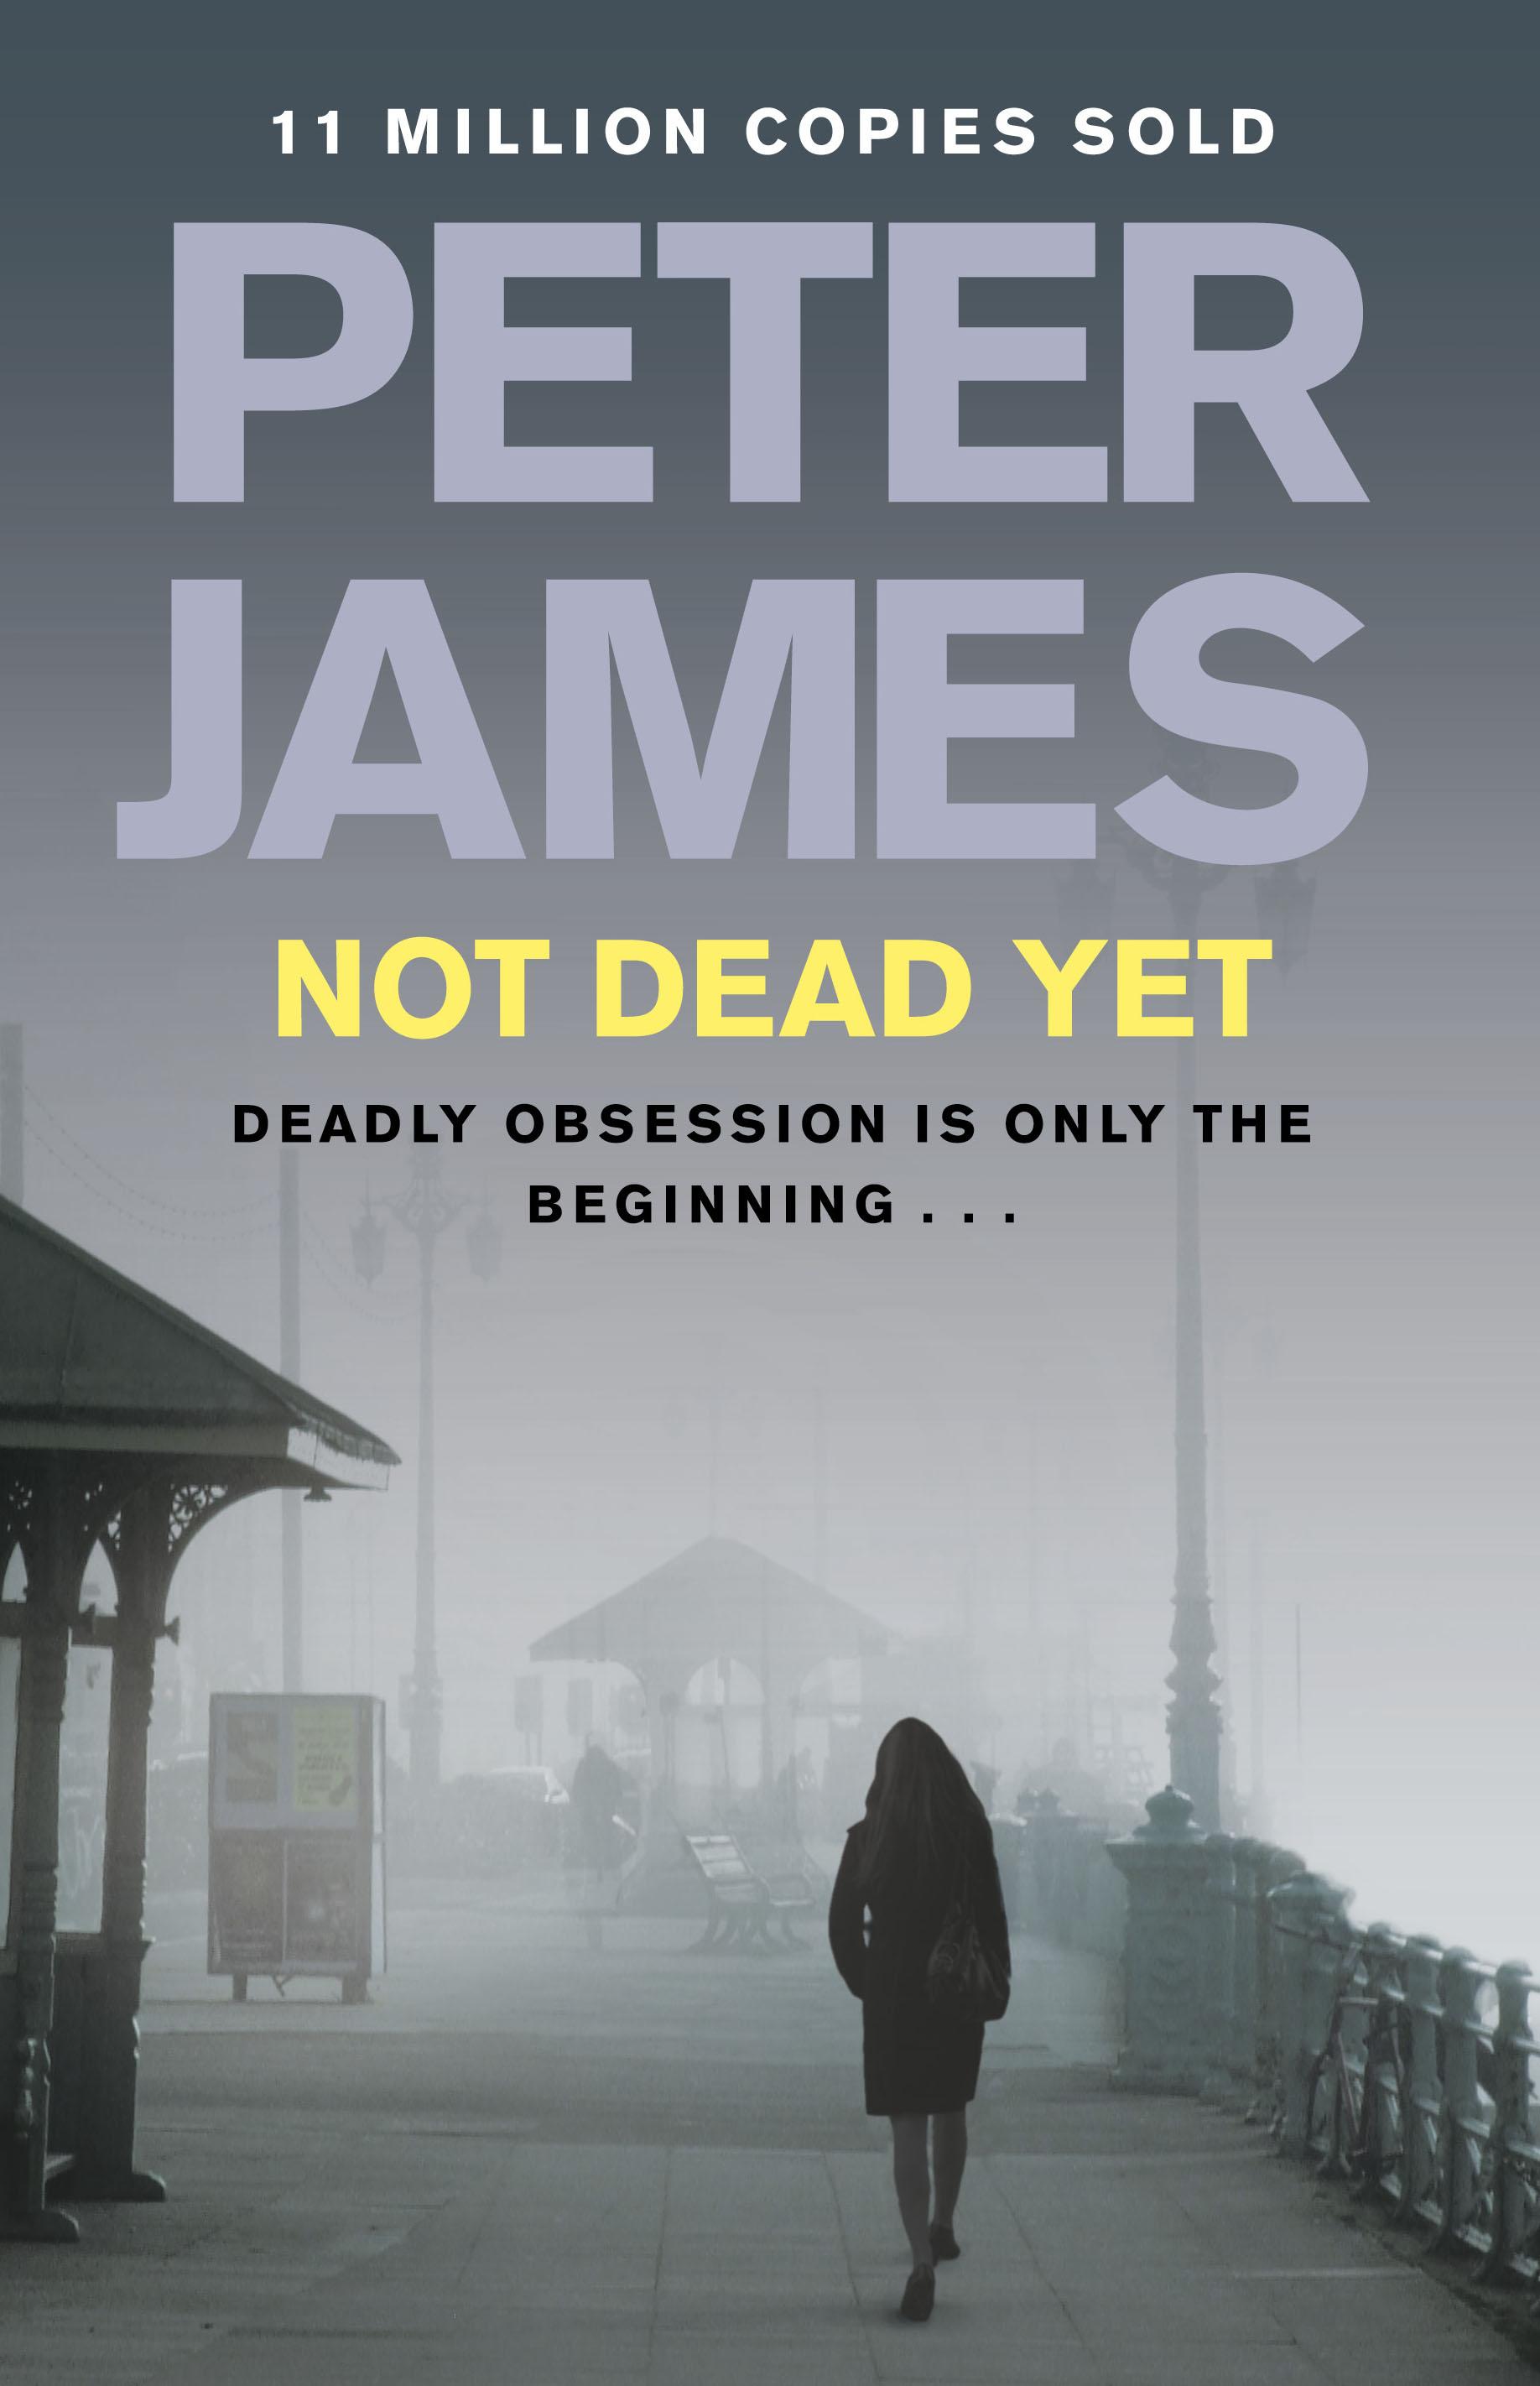 NOT DEAD YET Macmillan Hdbk cover.jpg